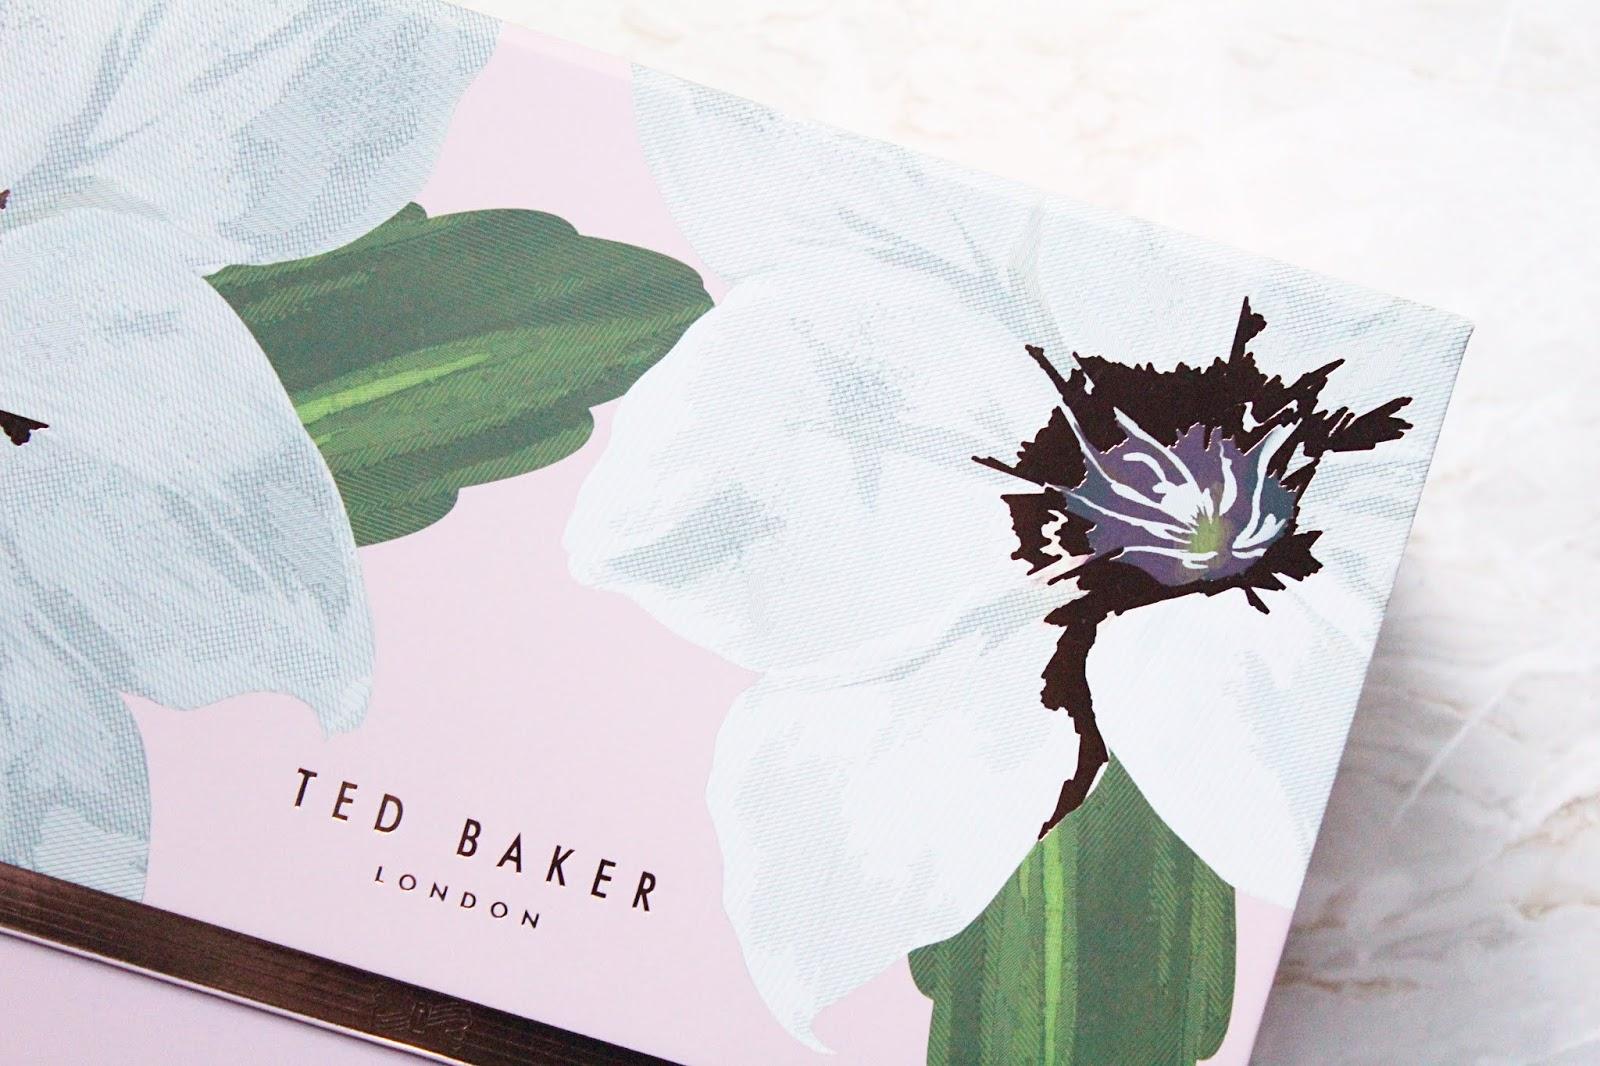 Ted Baker Star Gift 2018